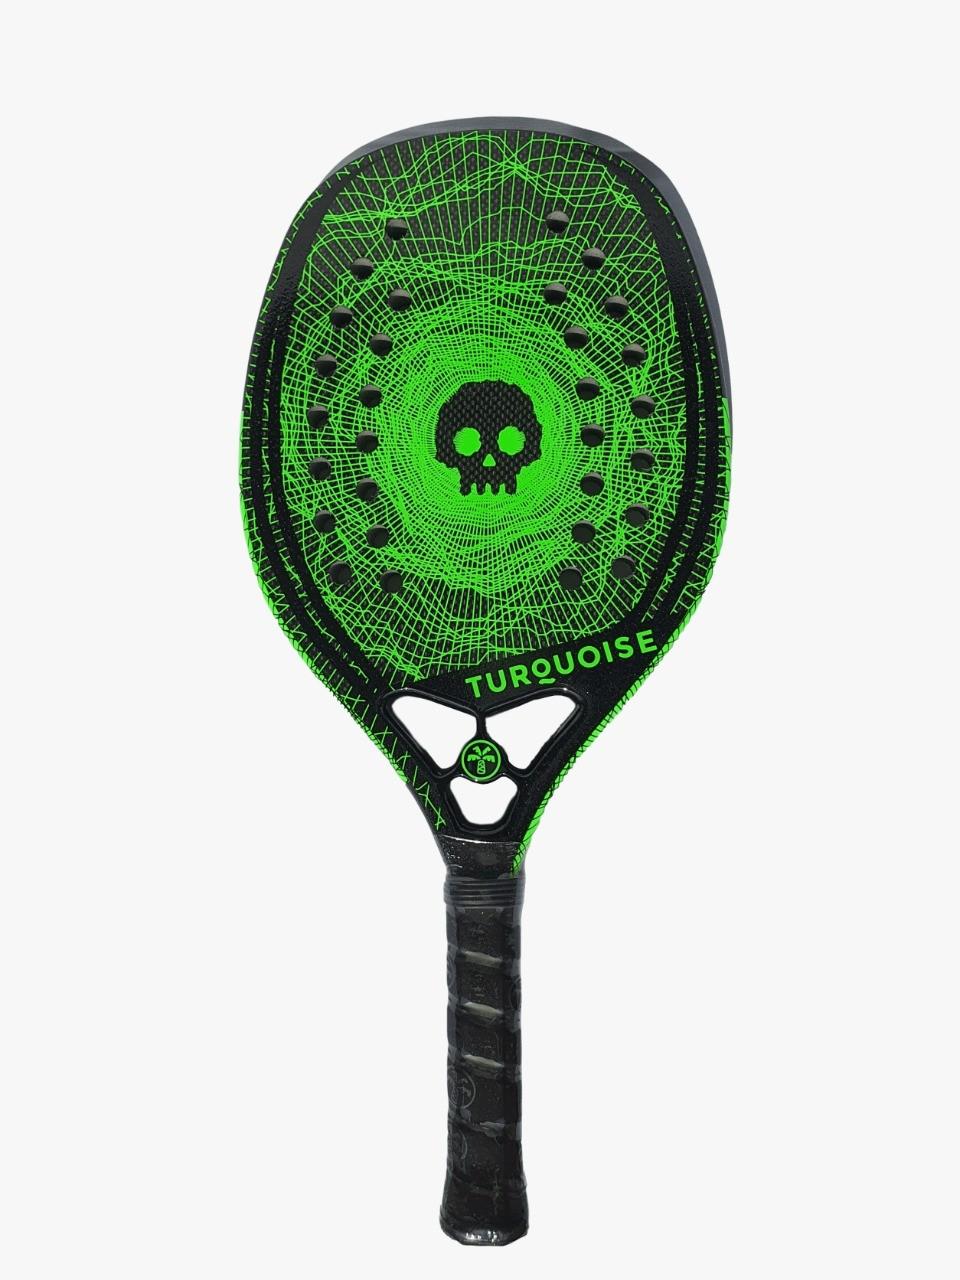 Raquete de Beach Tennis Turquoise Black Death 10.1 2020 Verde